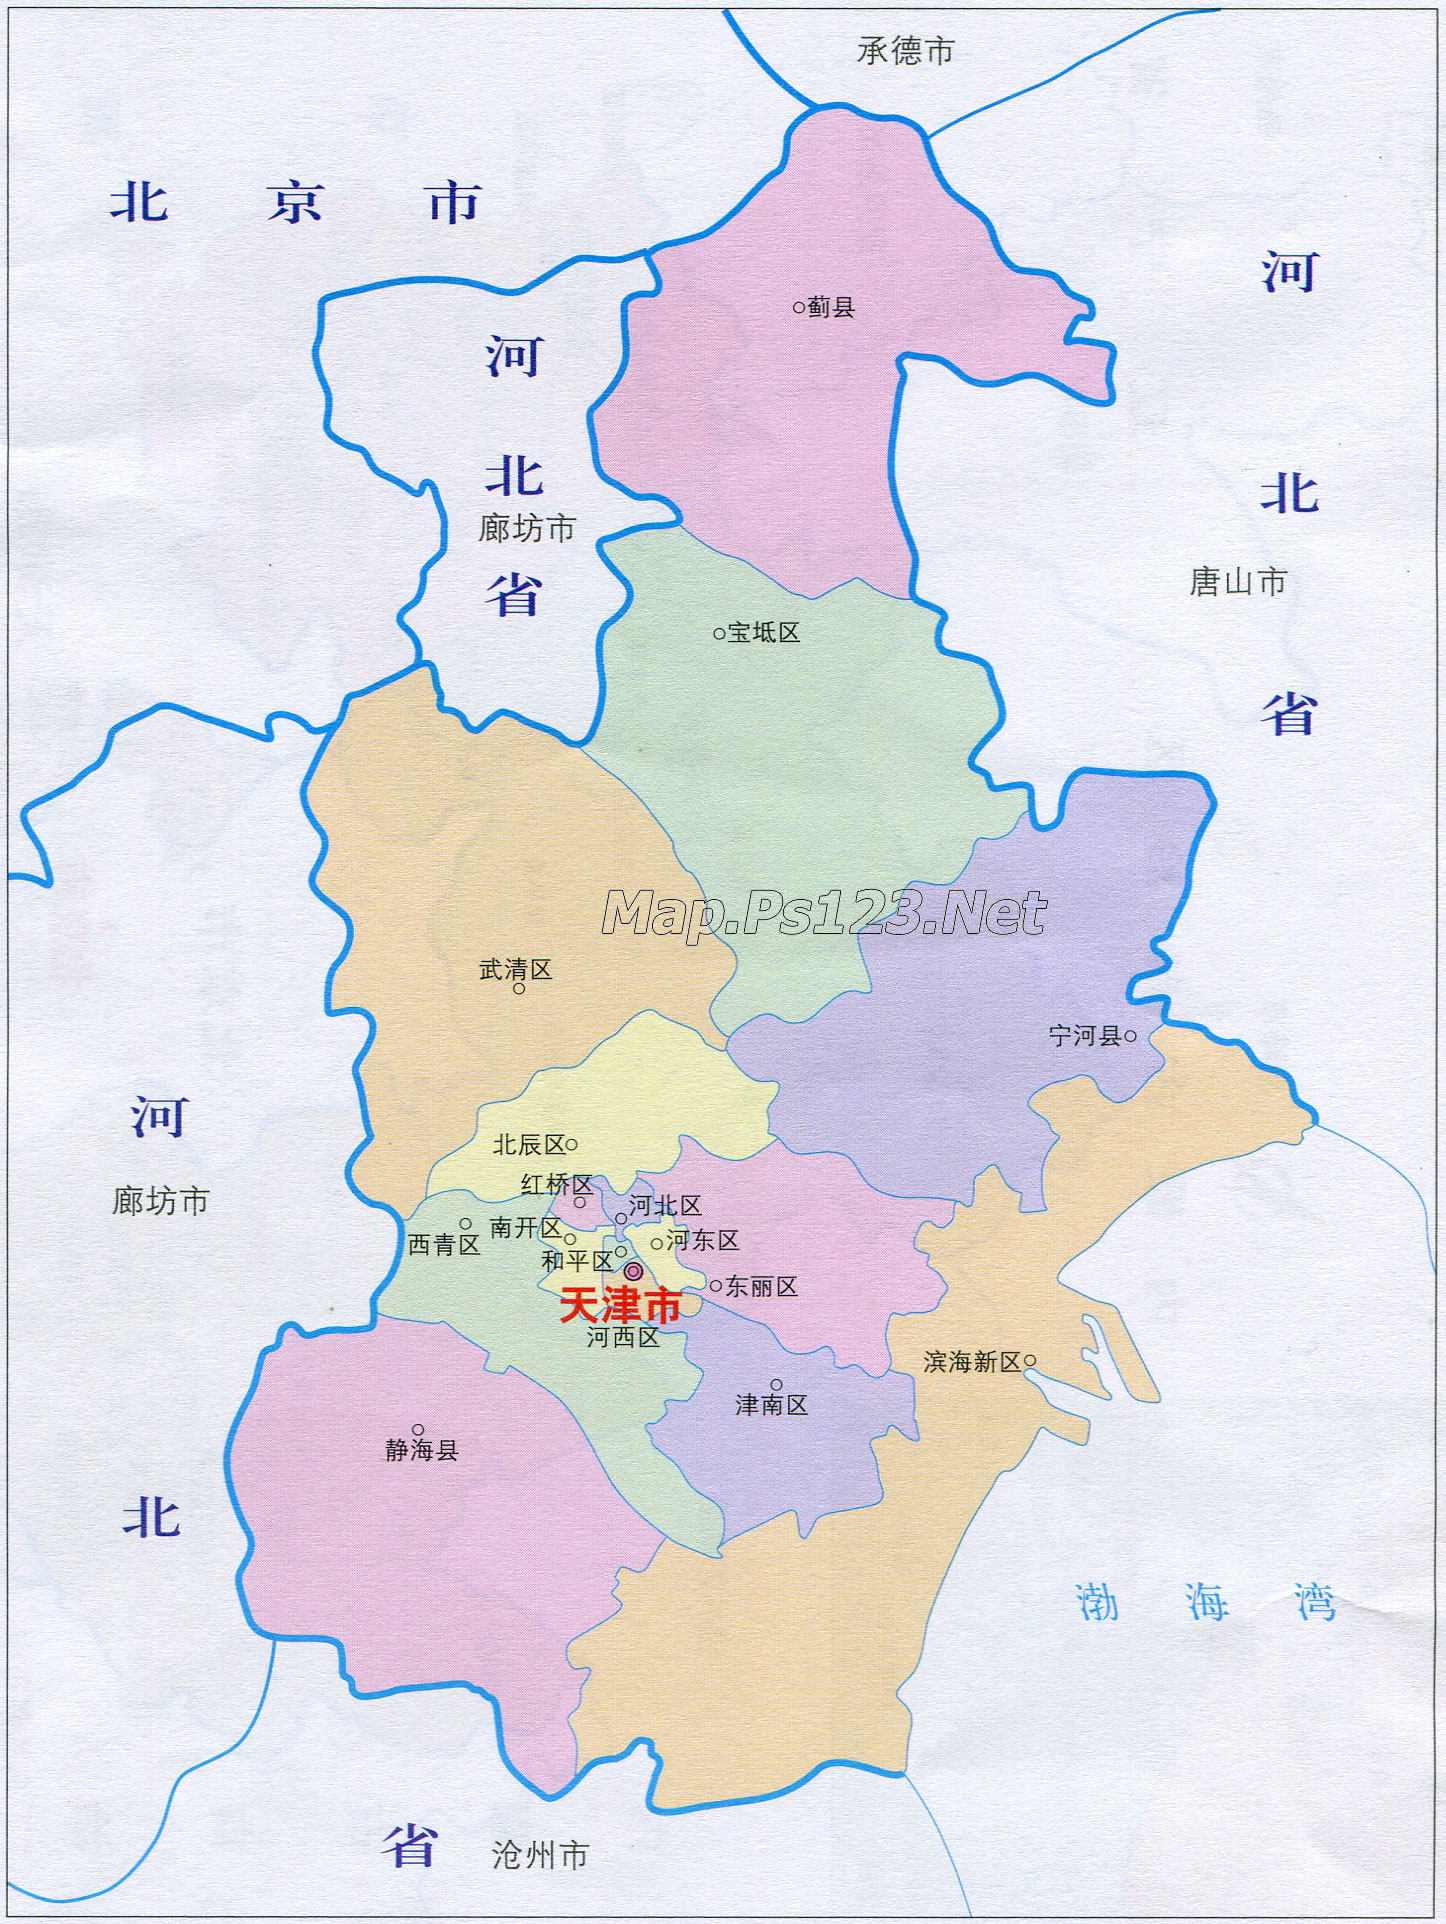 天津行政区划简图_行政简图地图库_地图窝图片